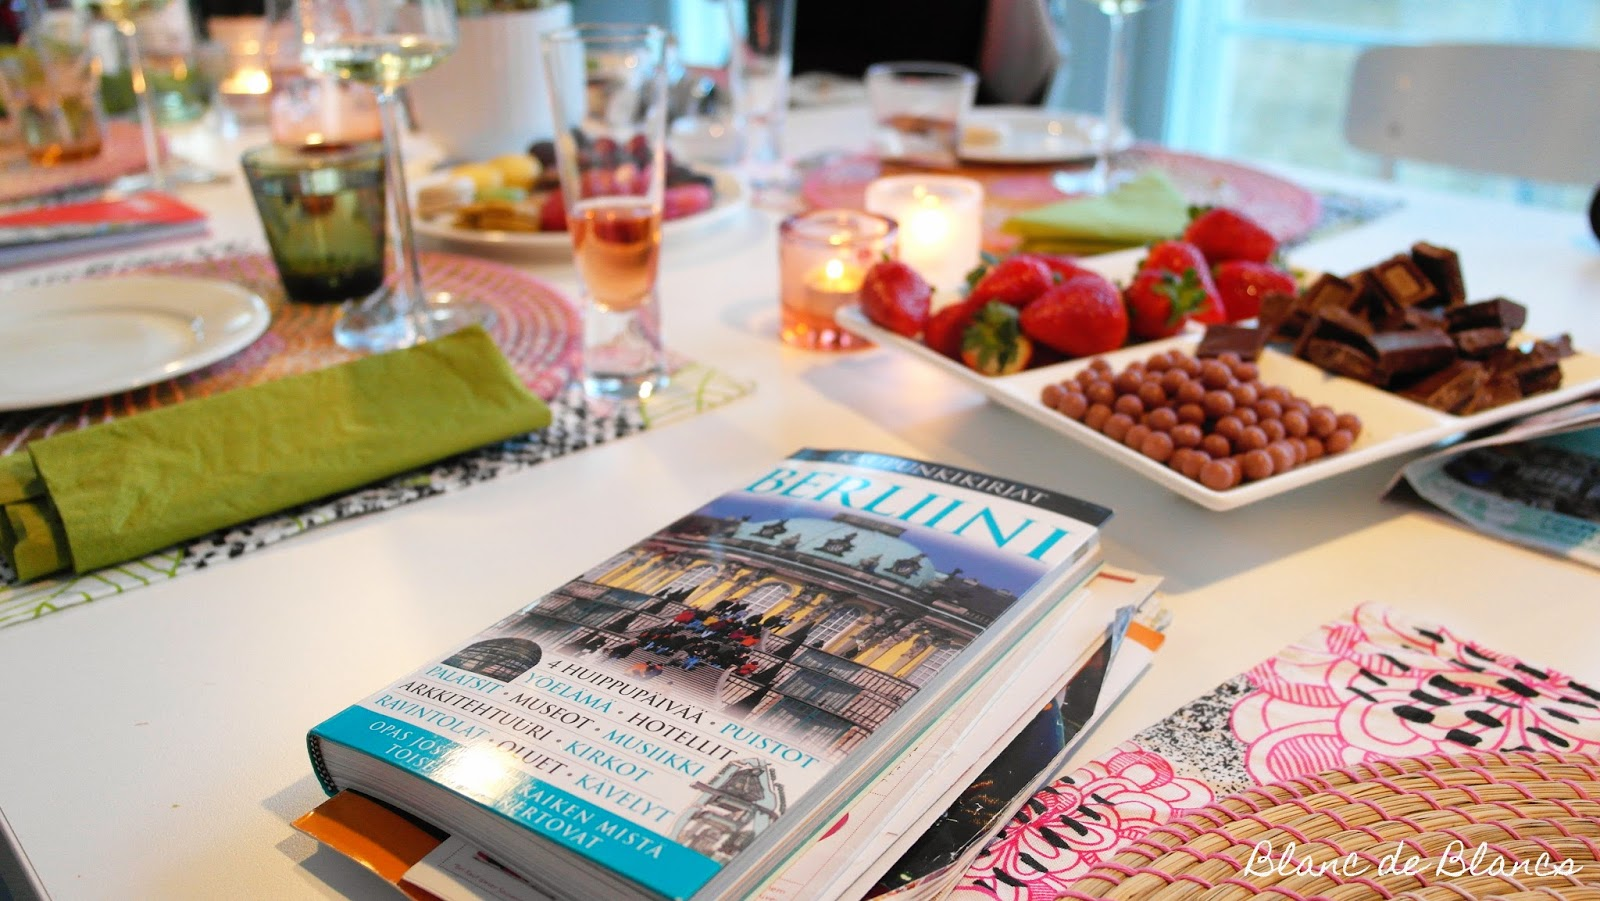 Berliinin-matkan suunnittelu käynnissä - www.blancdeblancs.fi